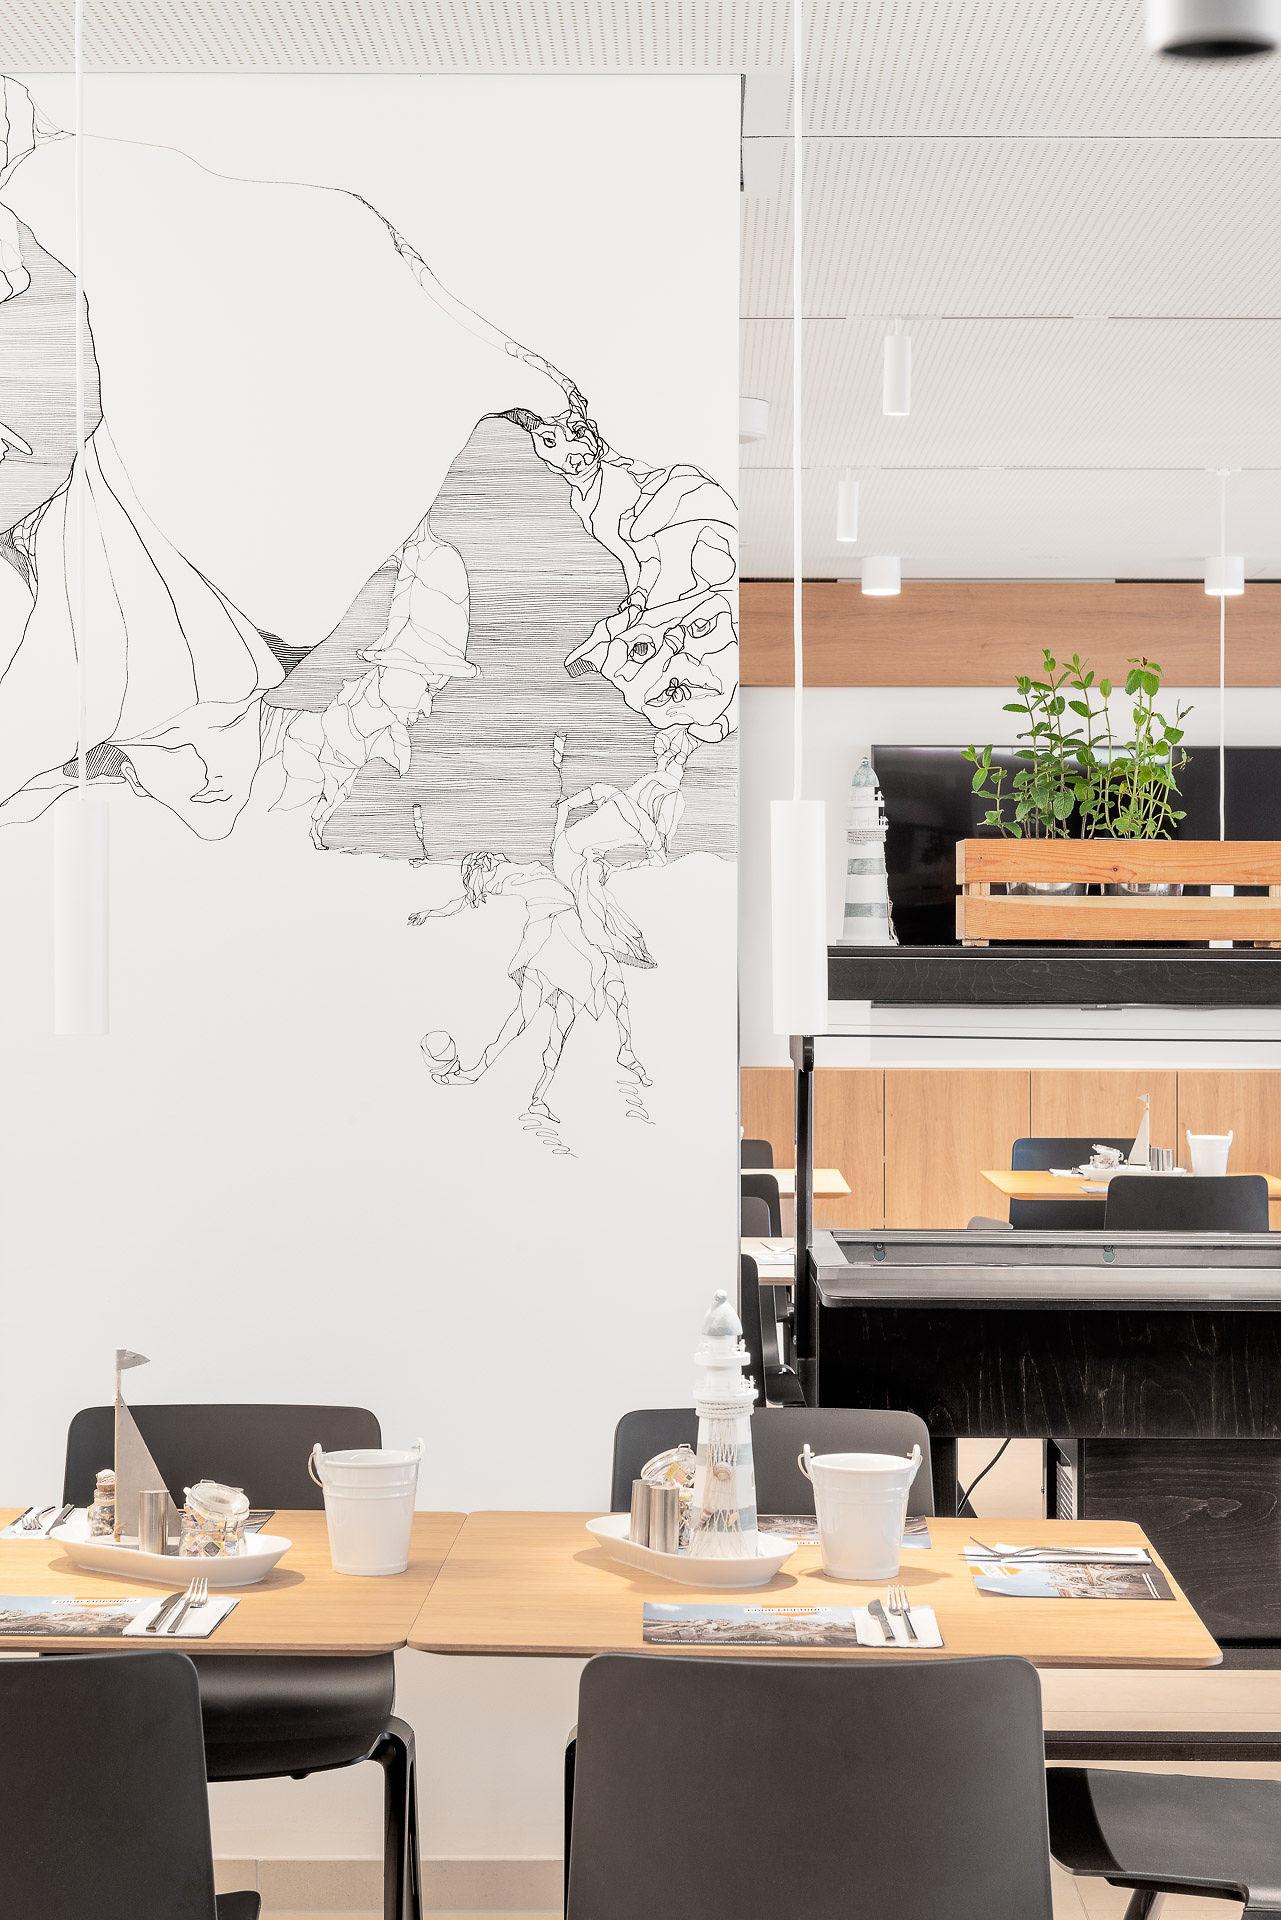 Blick auf Wandzeichnung von Birgit Schweiger aus 2019 im Frühstpcksraum des Hauses.